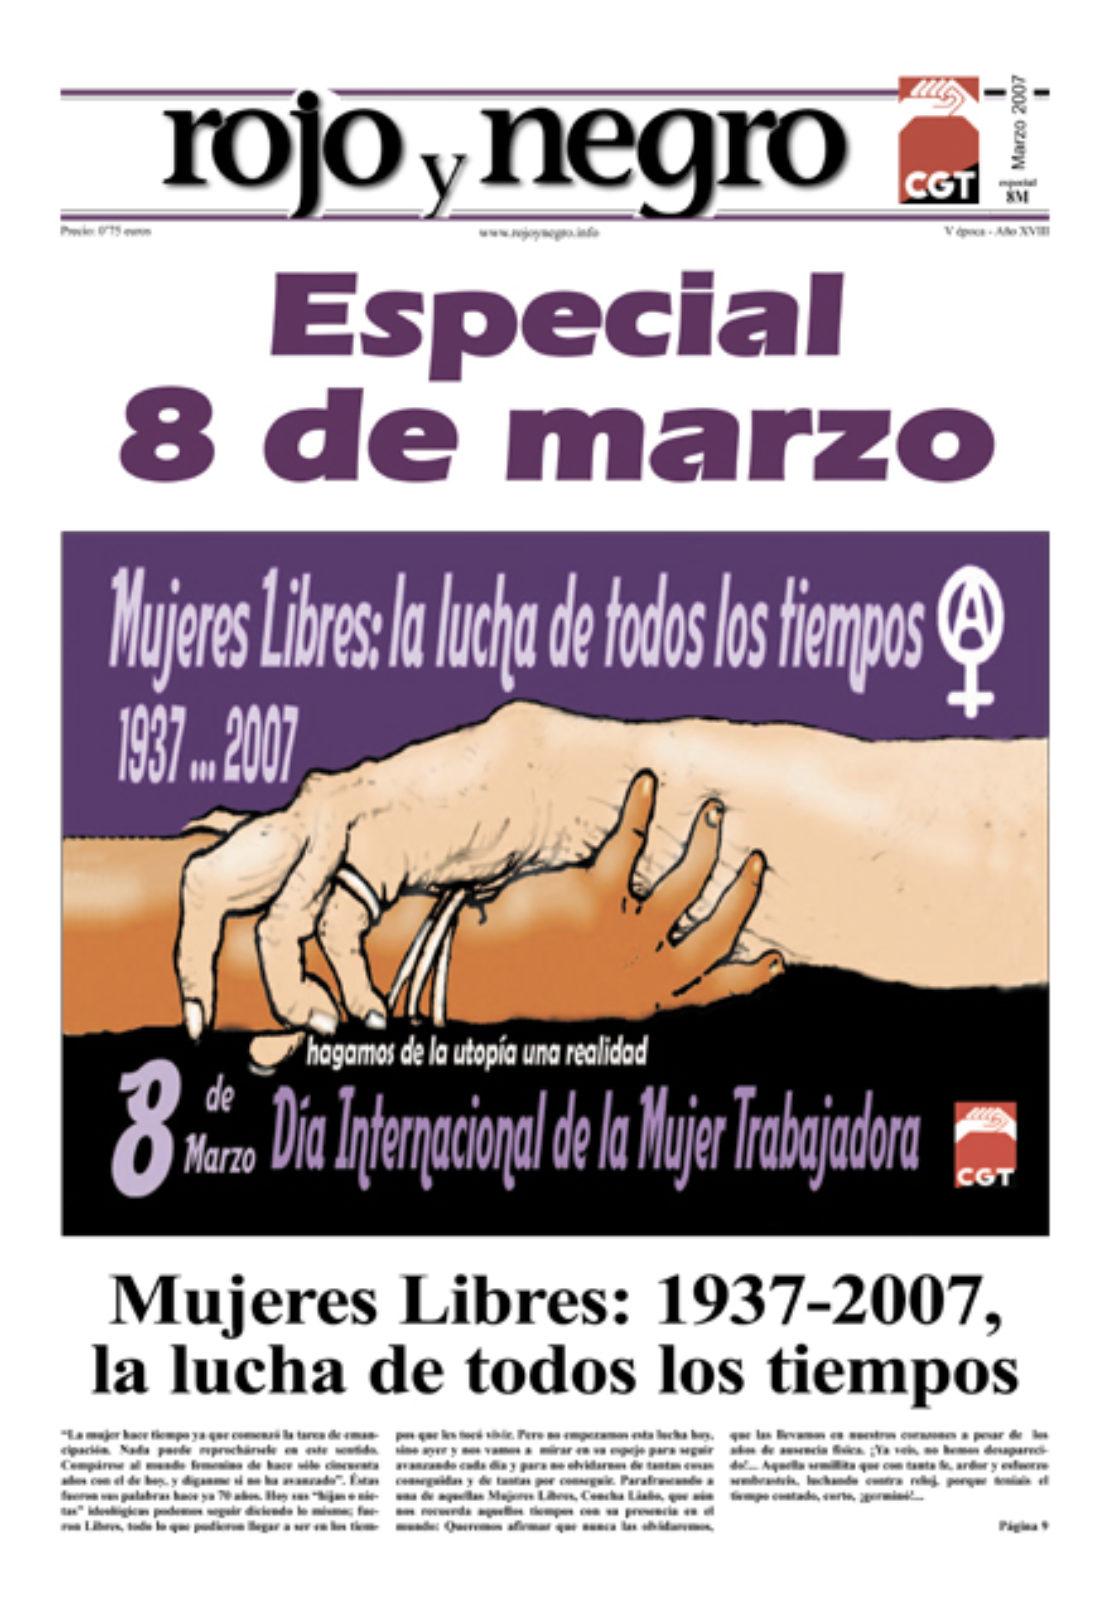 Rojo y Negro. Especial 8 de marzo 2007